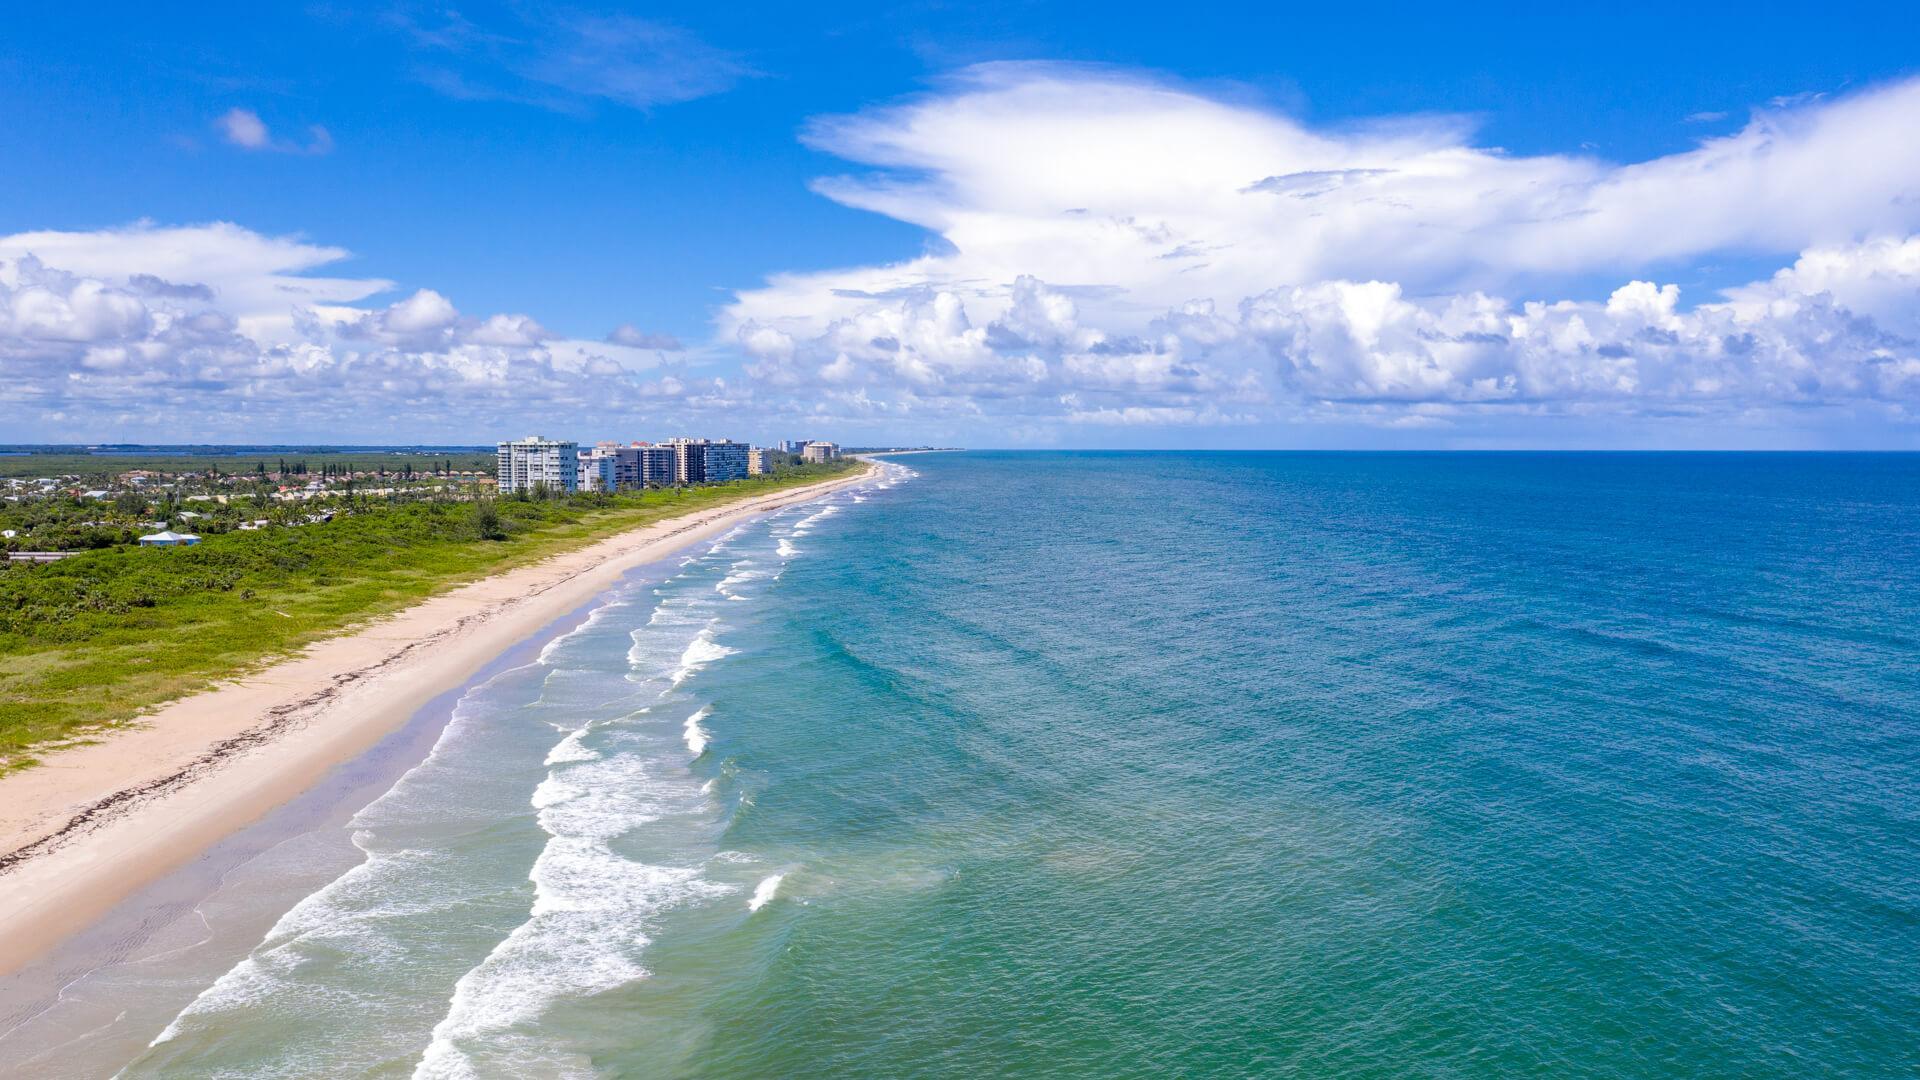 beach cities, Fort Pierce, Florida